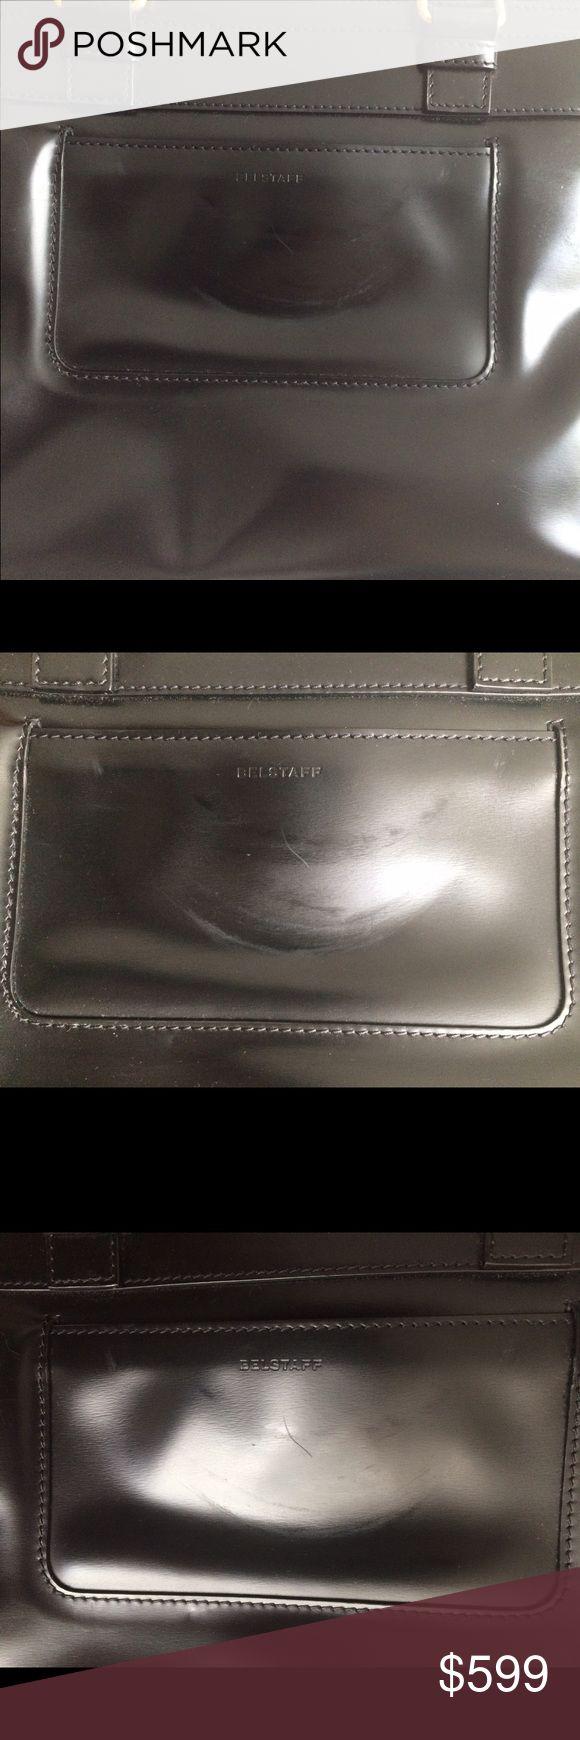 Belstaff bag Pictures Bags